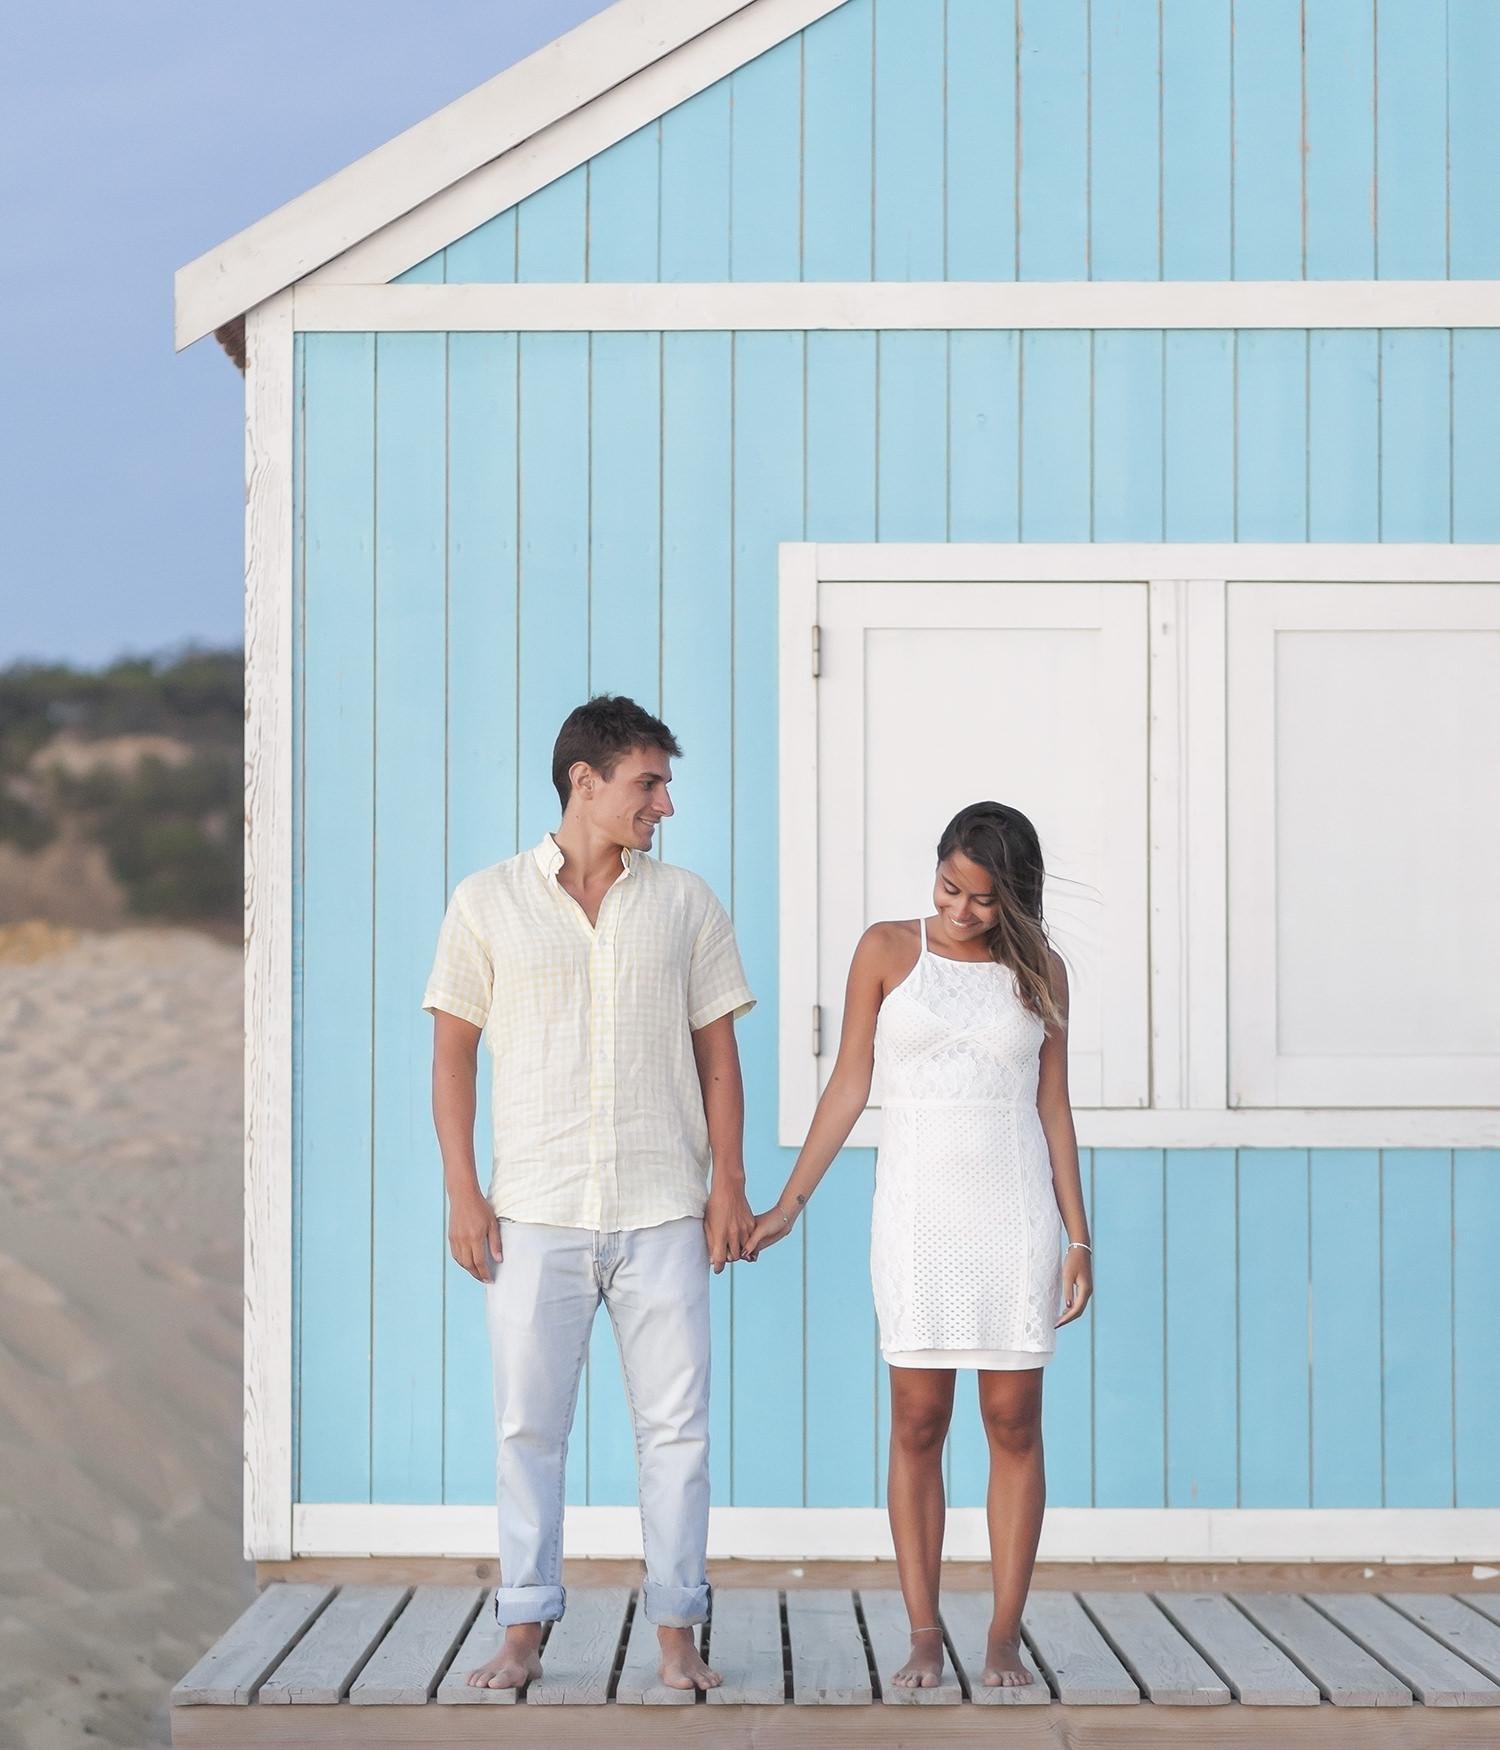 praia-saude-engagement-photographer-terra-fotografia-035.jpg